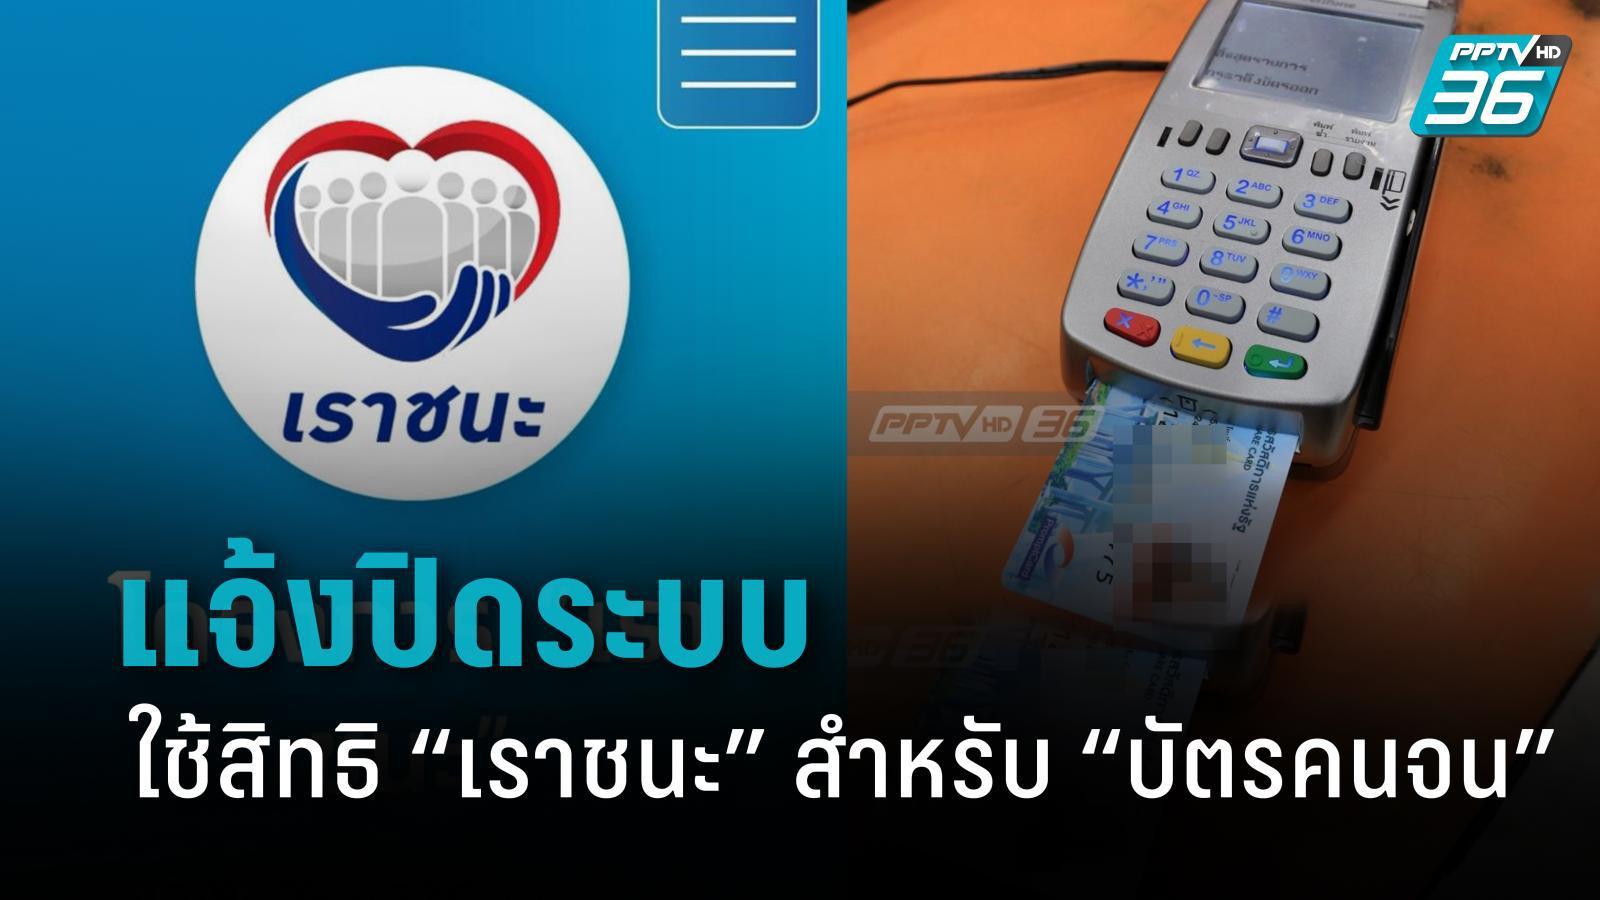 """กรุงไทย แจ้งปิดระบบใช้สิทธิ """"เราชนะ"""" ชั่วคราว"""